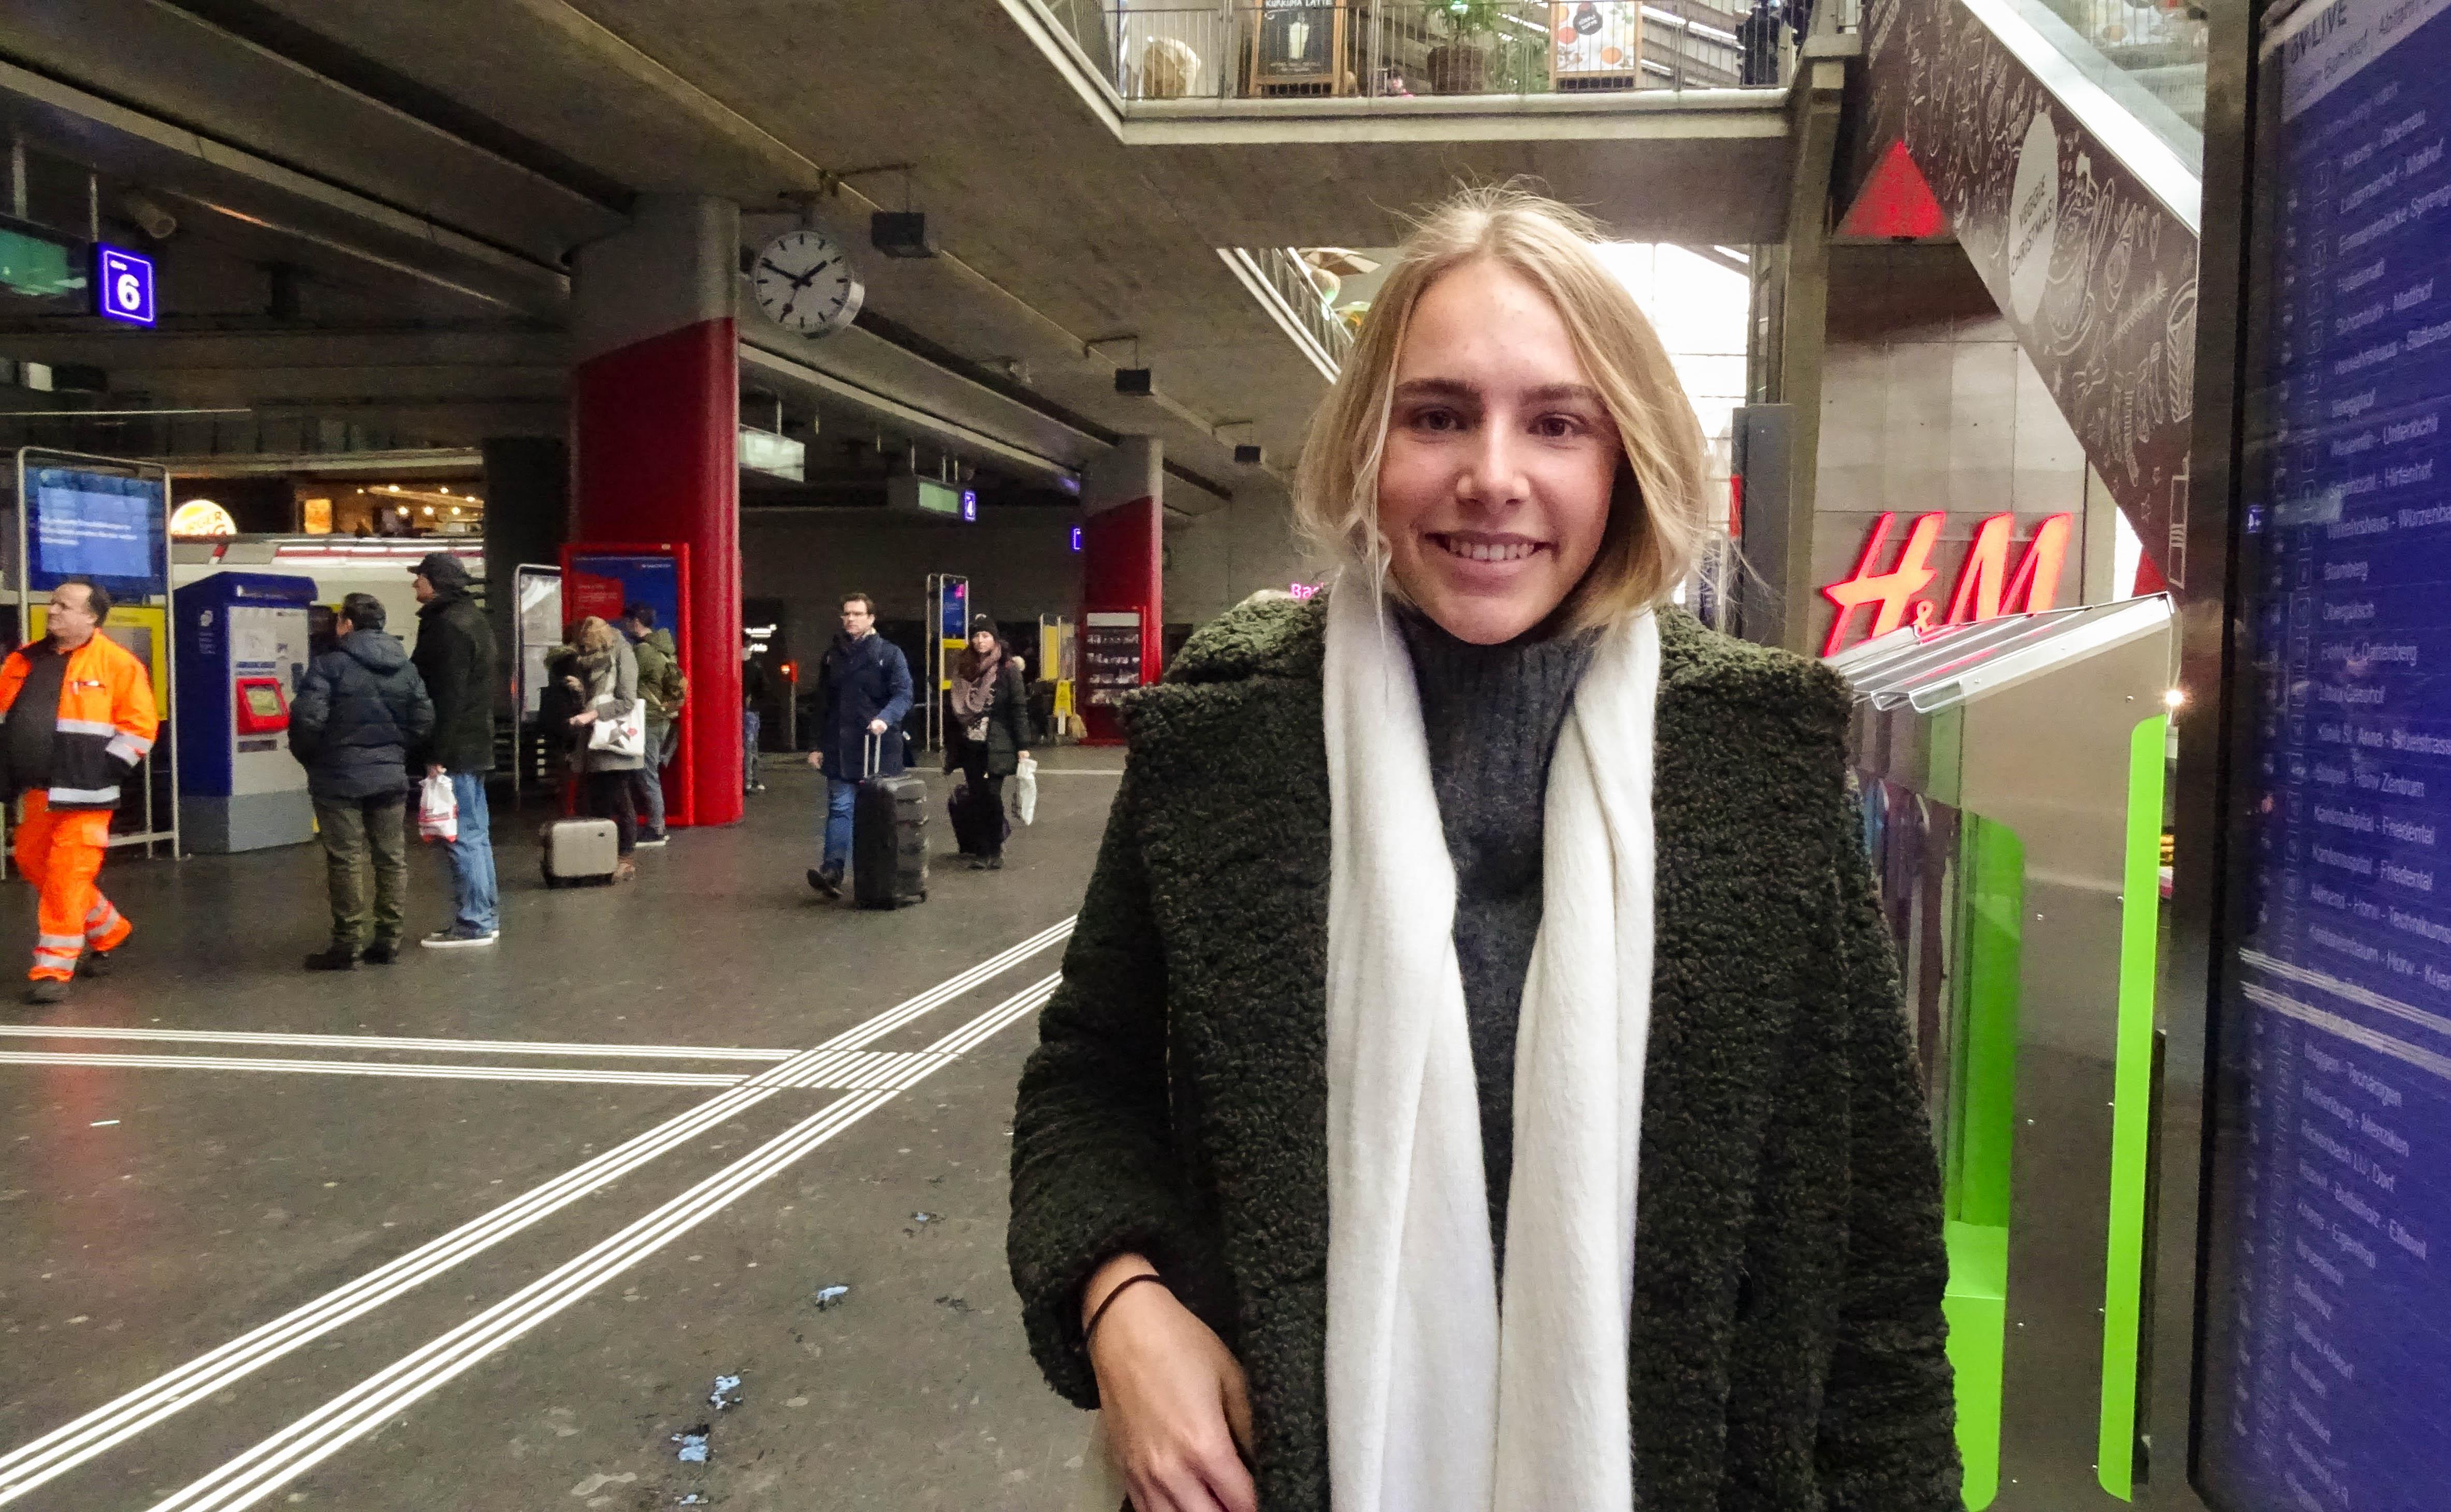 Sah einmal eine Dokumentation und möchte nie Pelz tragen: Jana Marti.